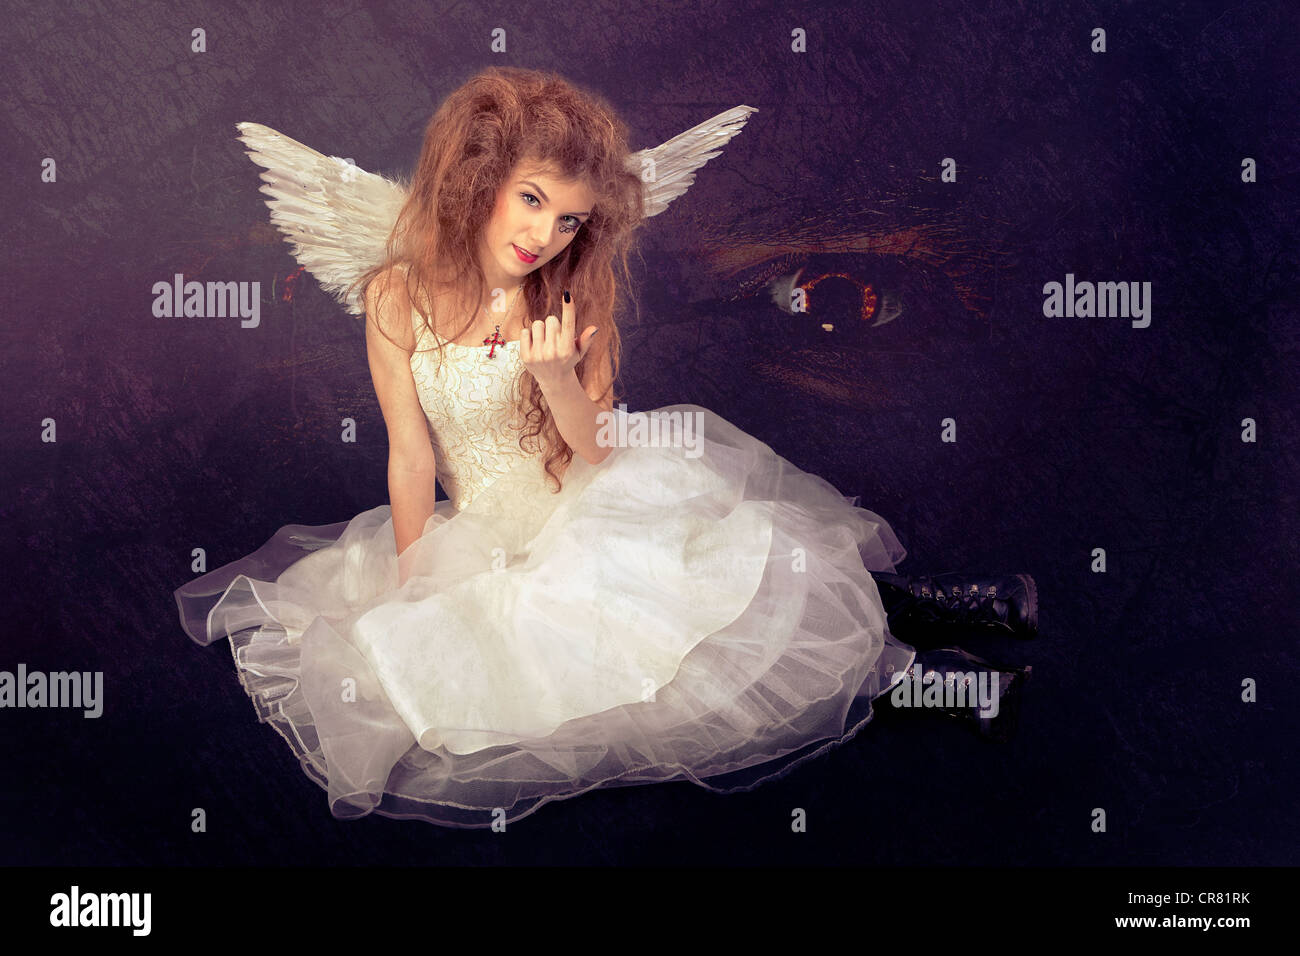 False angel leading to temptation - Stock Image